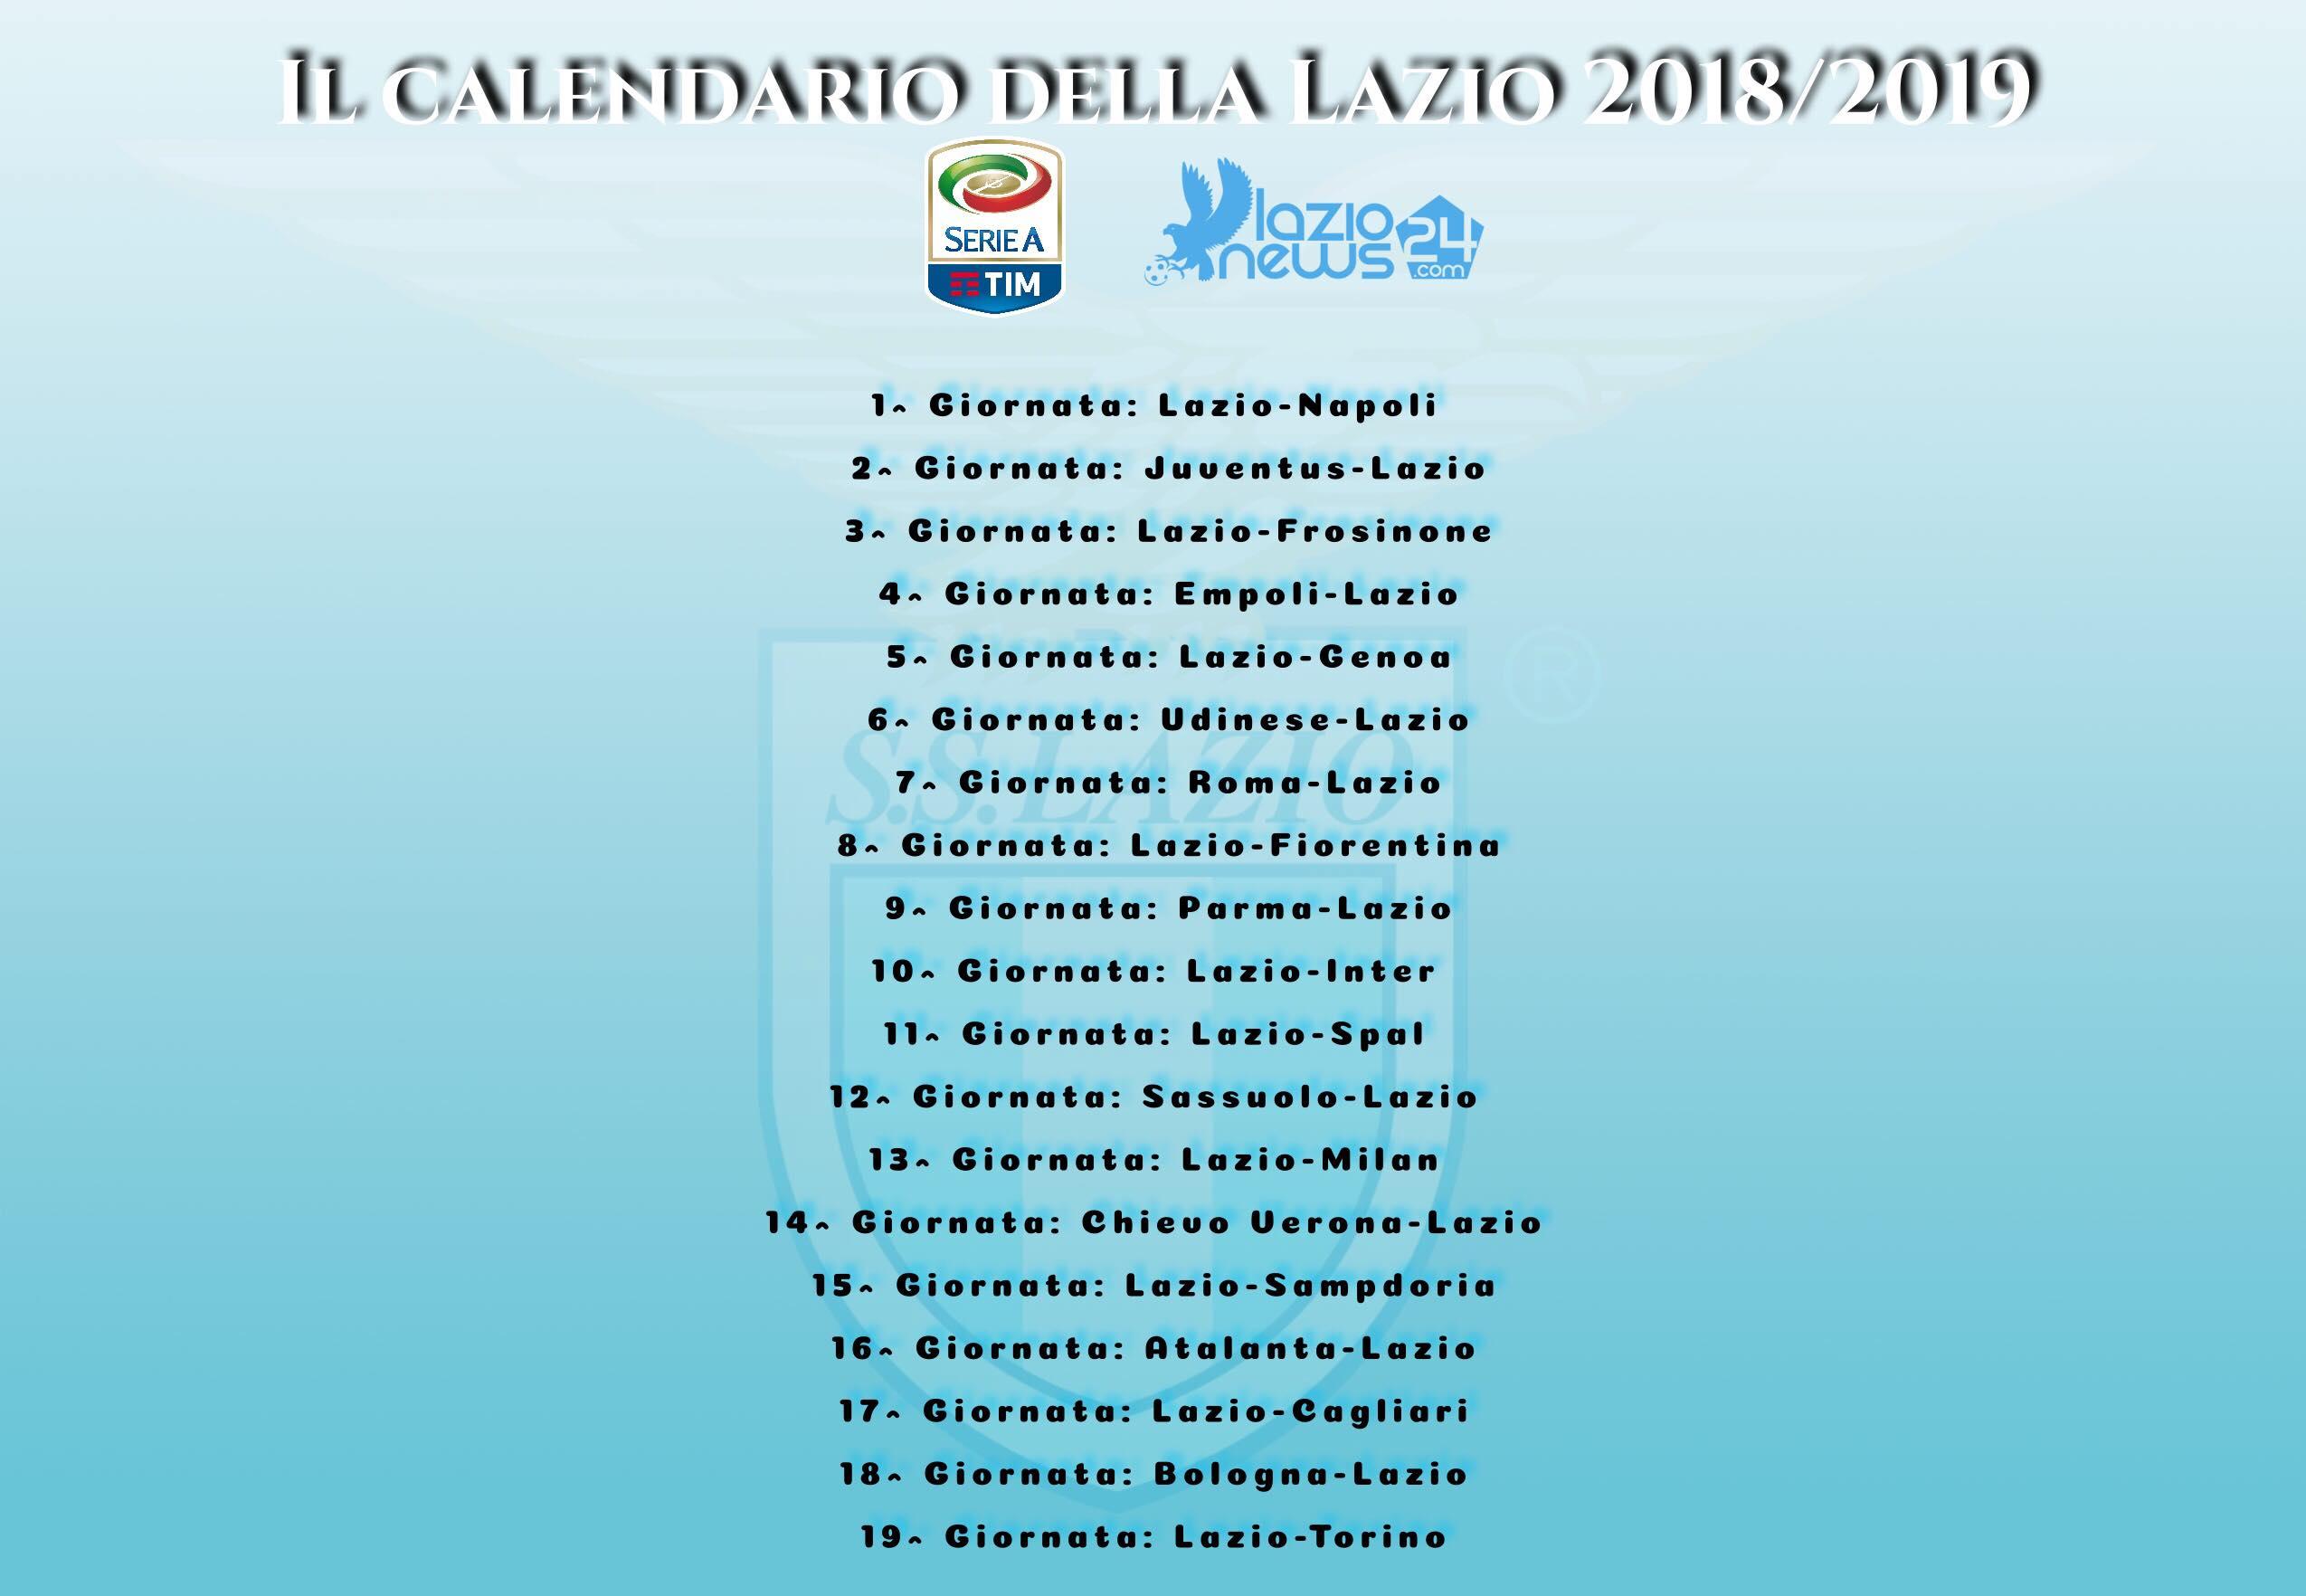 Chievo Verona Calendario.Sorteggio Calendario Serie A 2018 2019 Lazio Napoli All